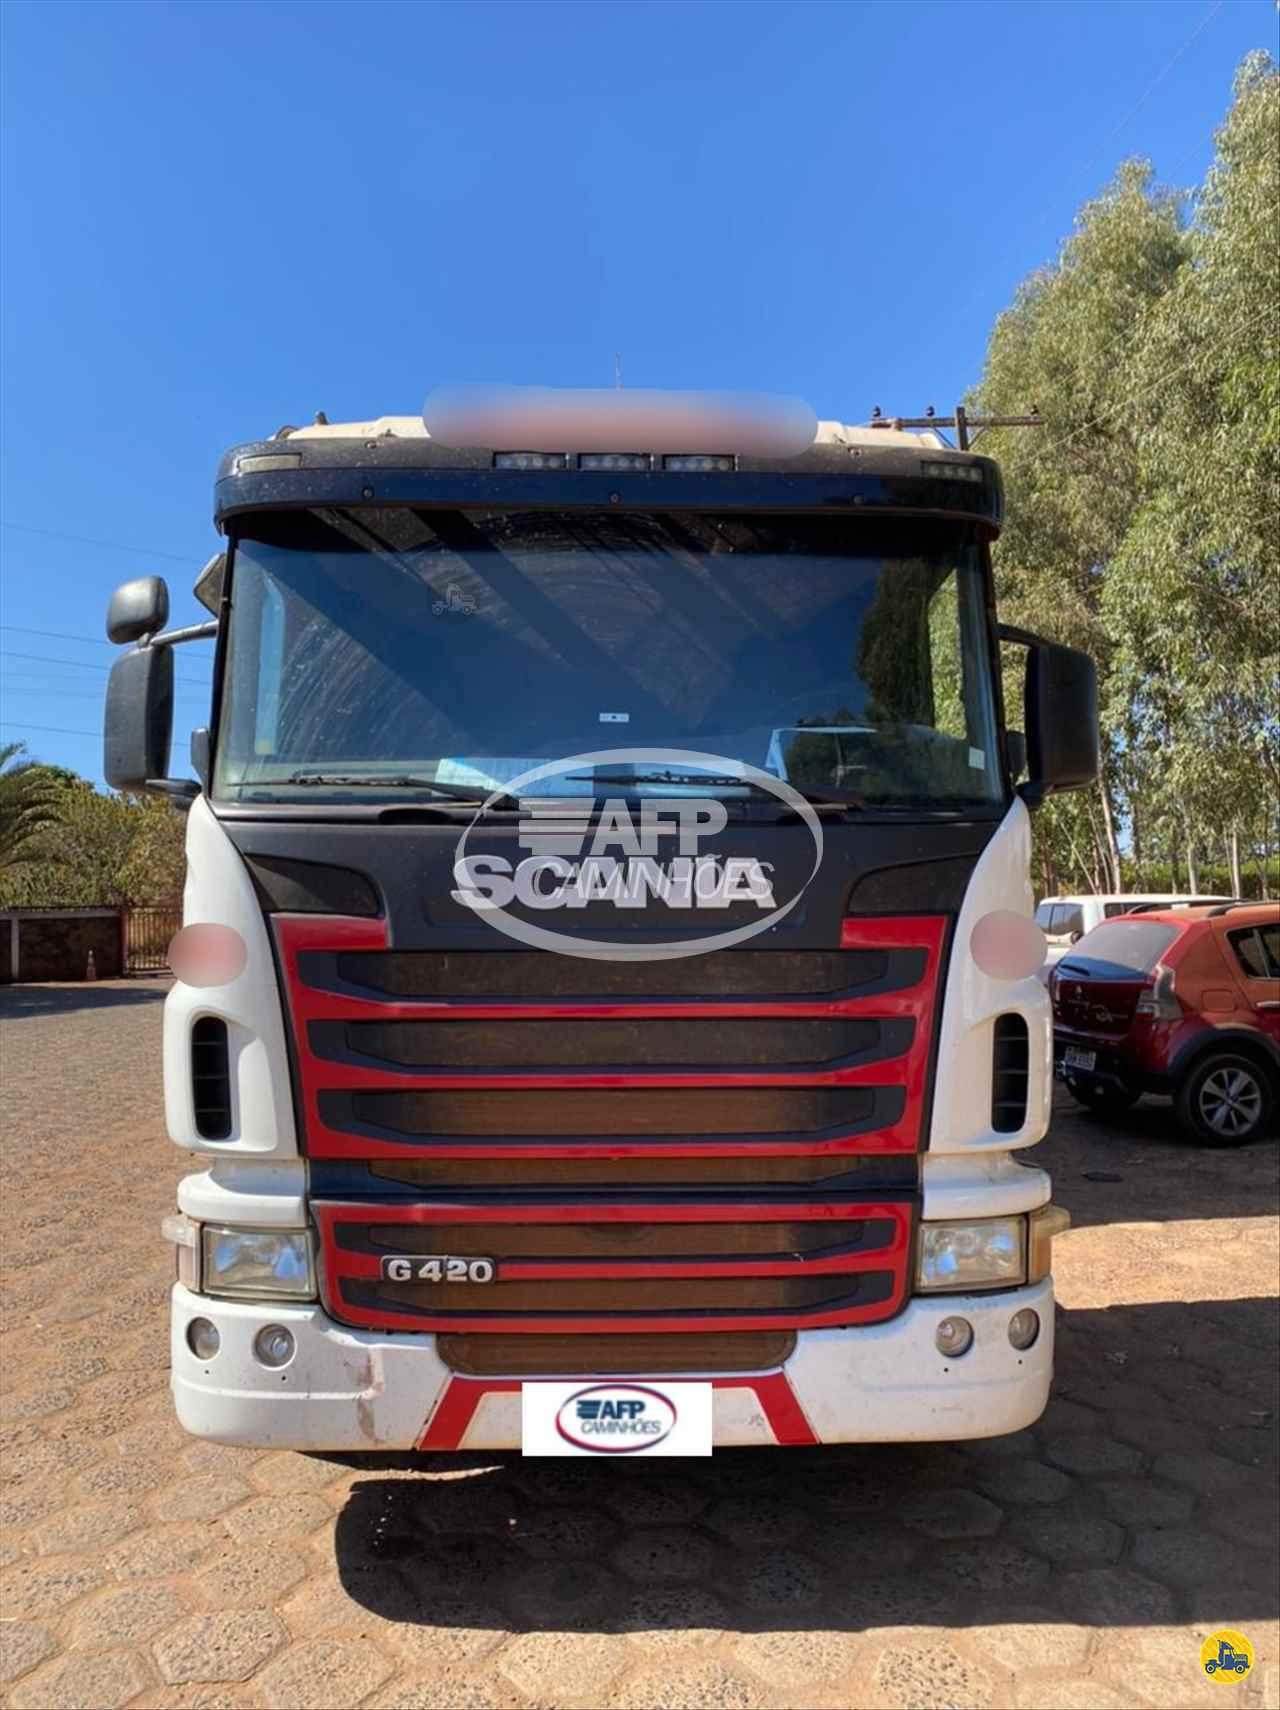 CAMINHAO SCANIA SCANIA 420 Cavalo Mecânico Traçado 6x4 AFP Caminhões UBERLANDIA MINAS GERAIS MG